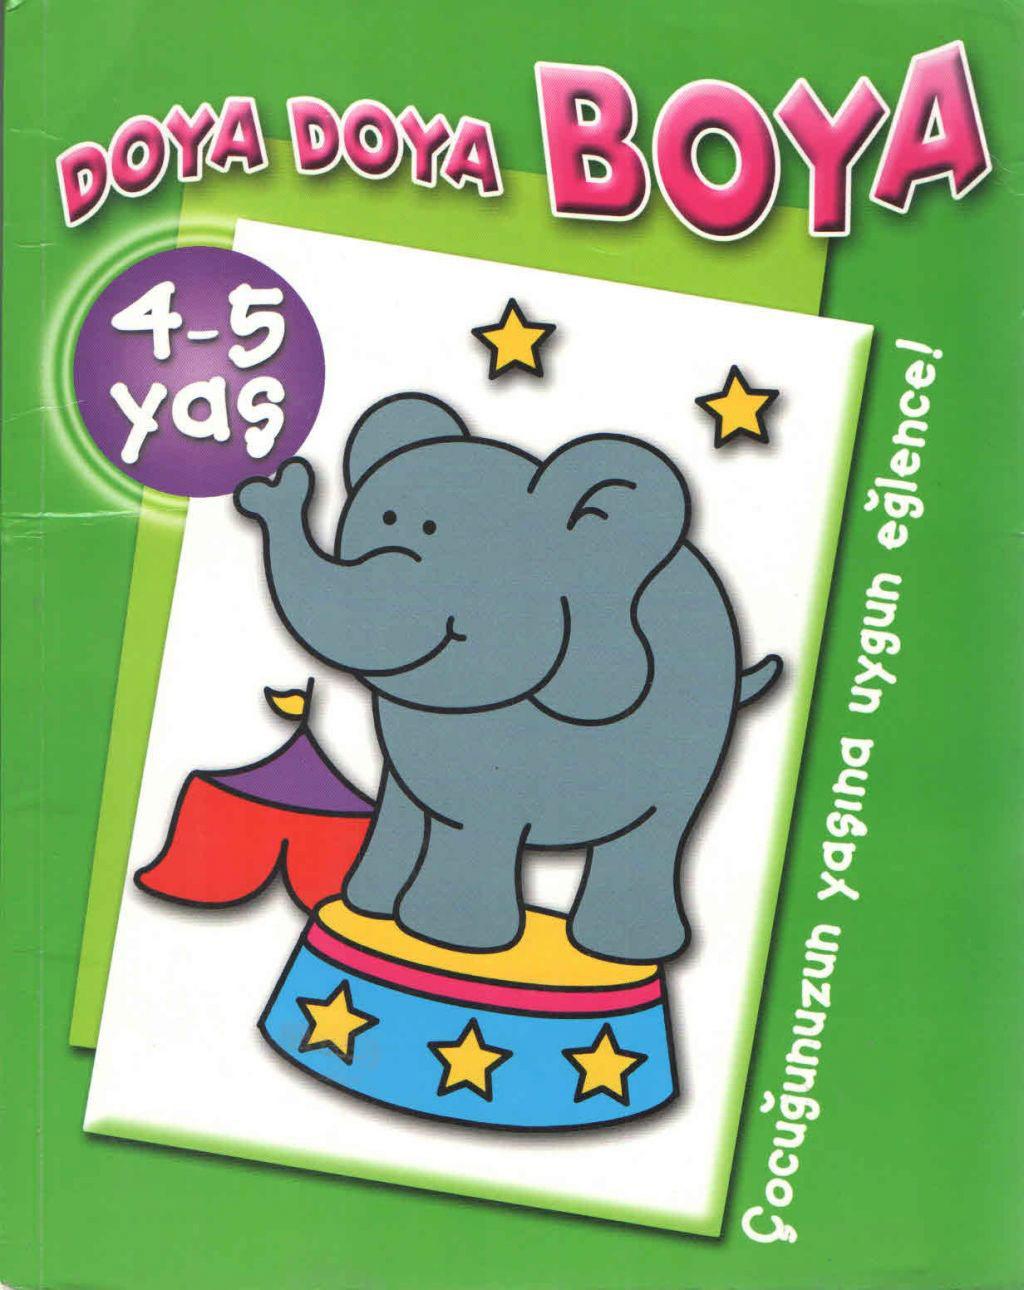 Doya Doya Boya 4 5 Yas